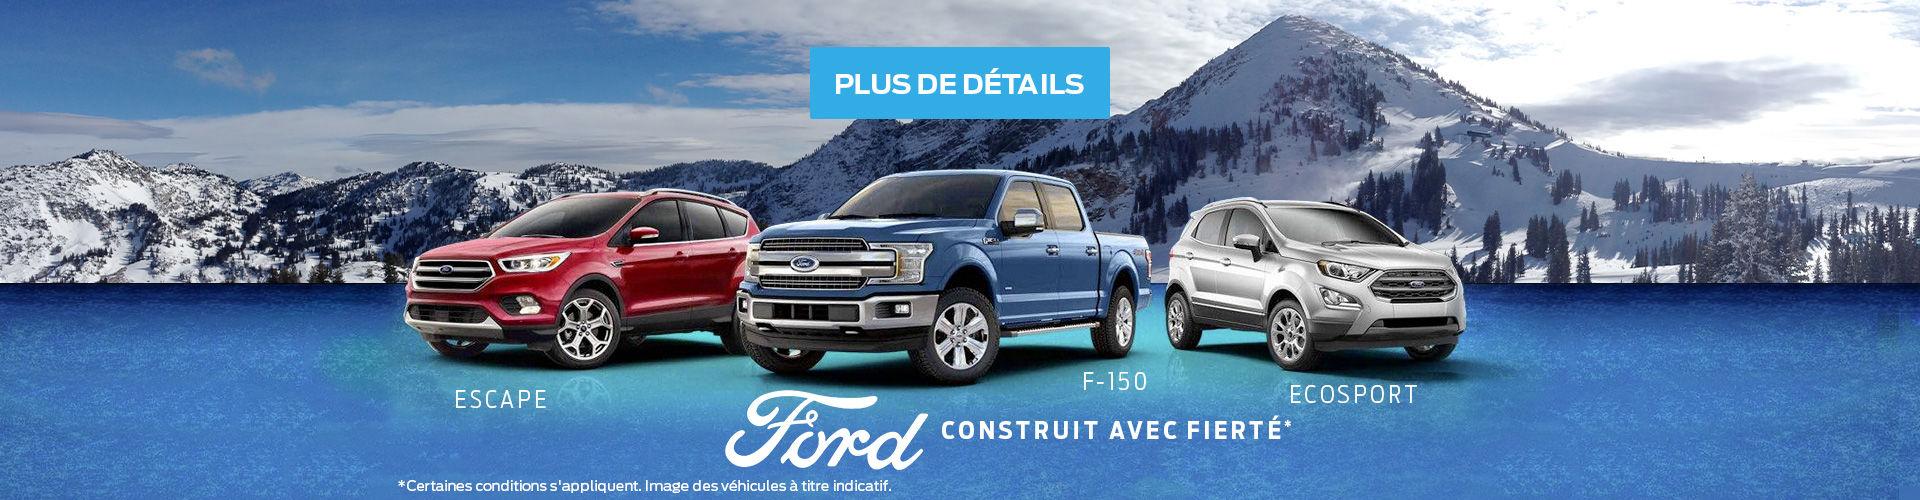 L'événement Ford!